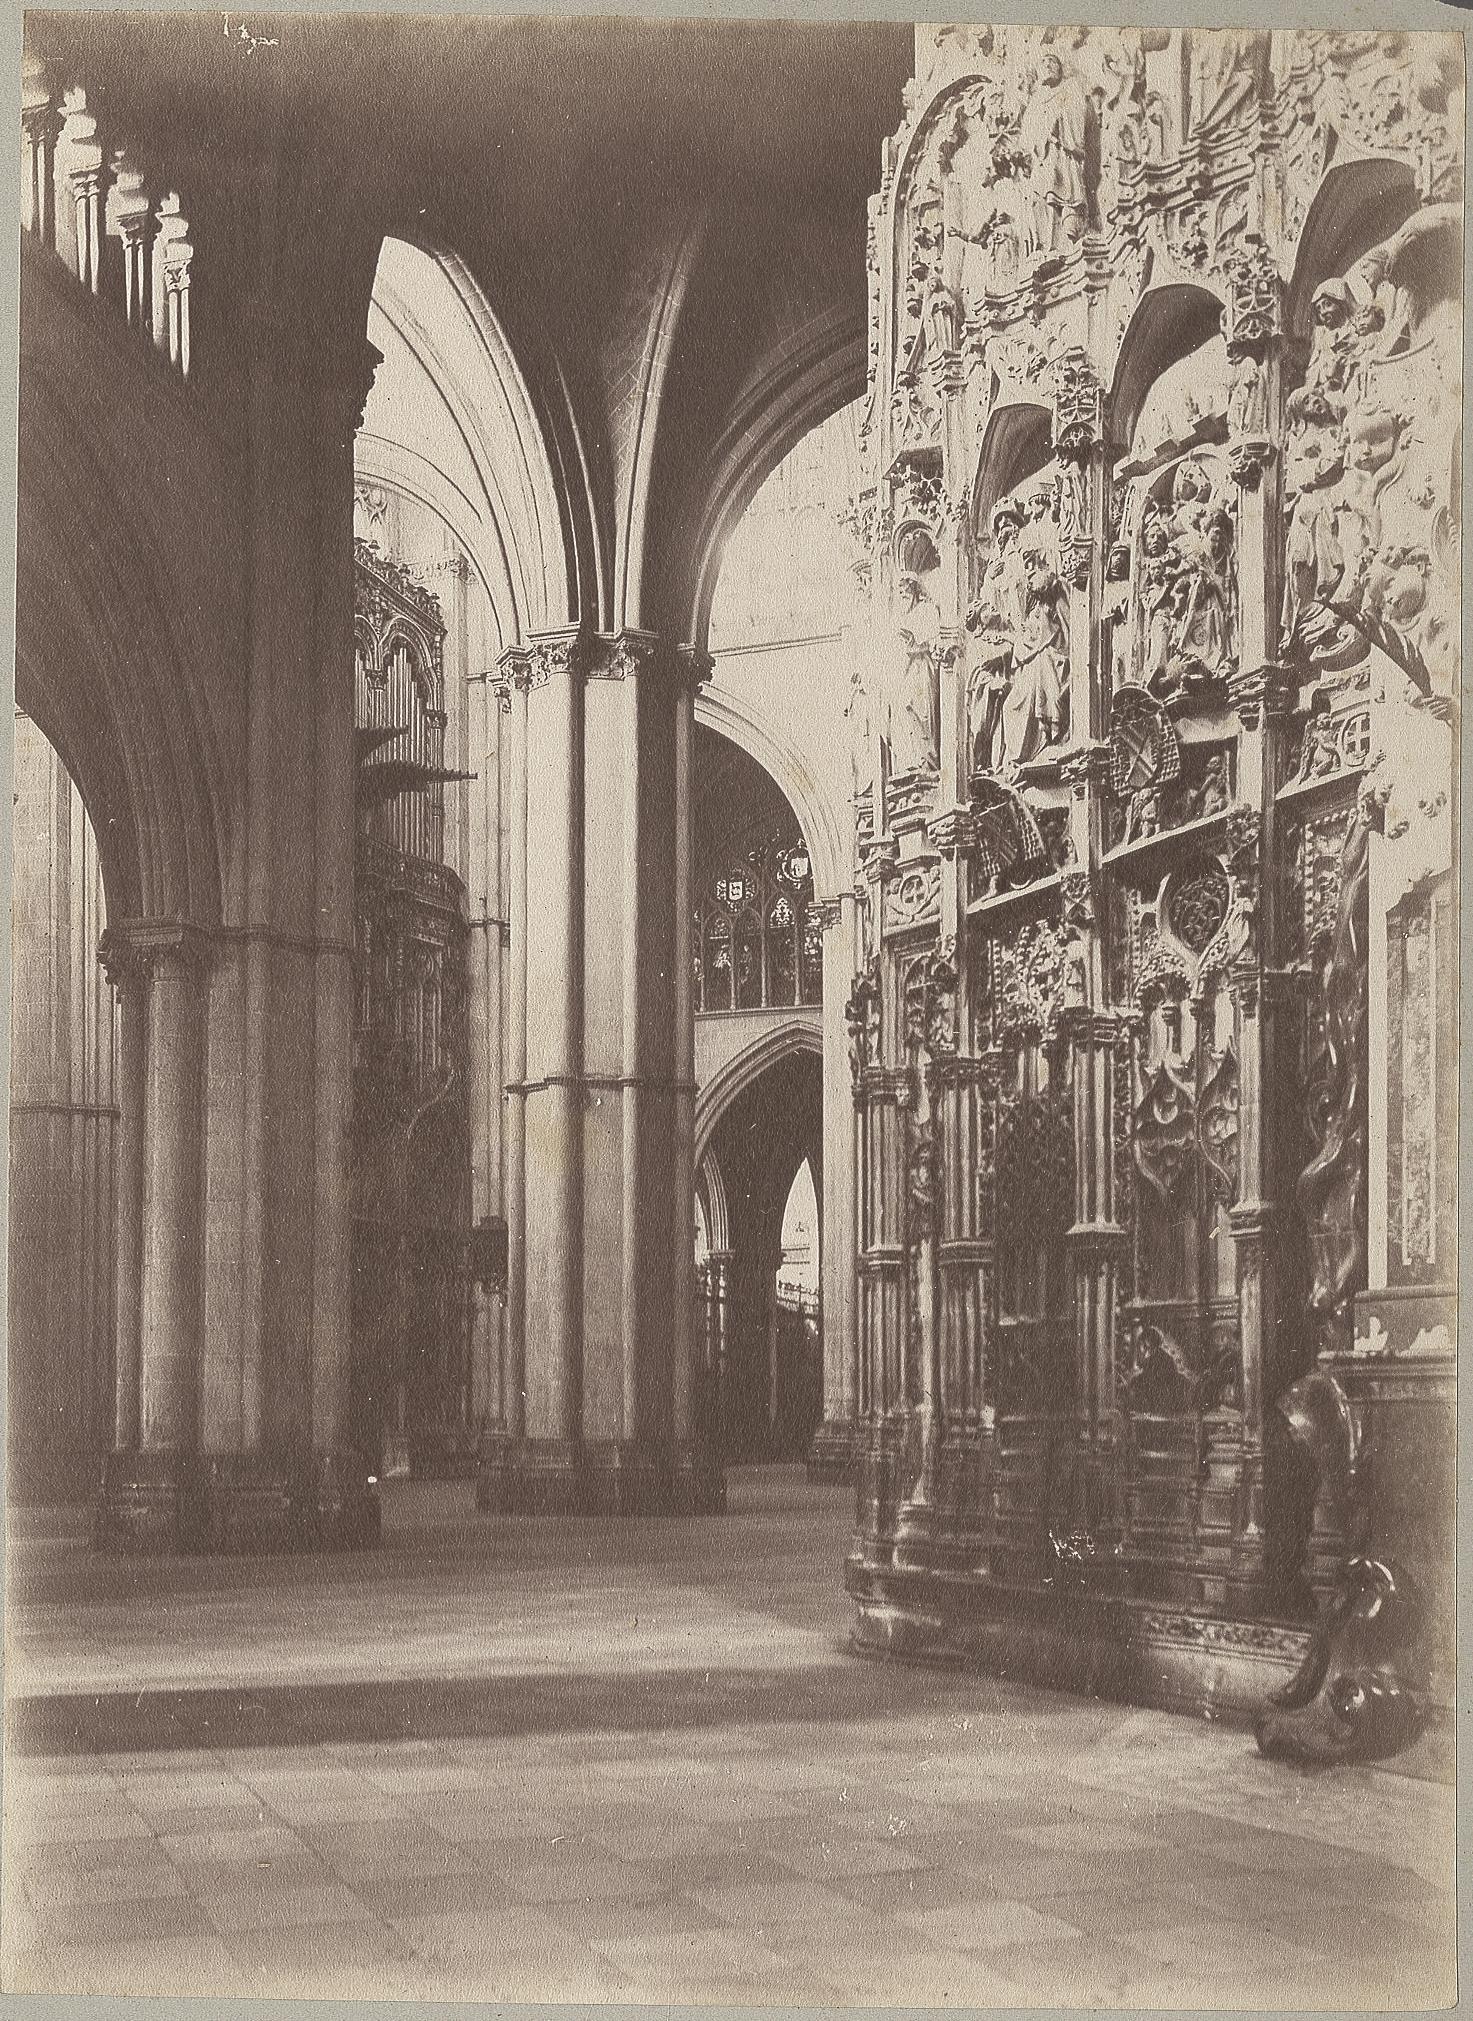 Interior de la Catedral de Toledo en 1886 © Archives départementales de l'Aude